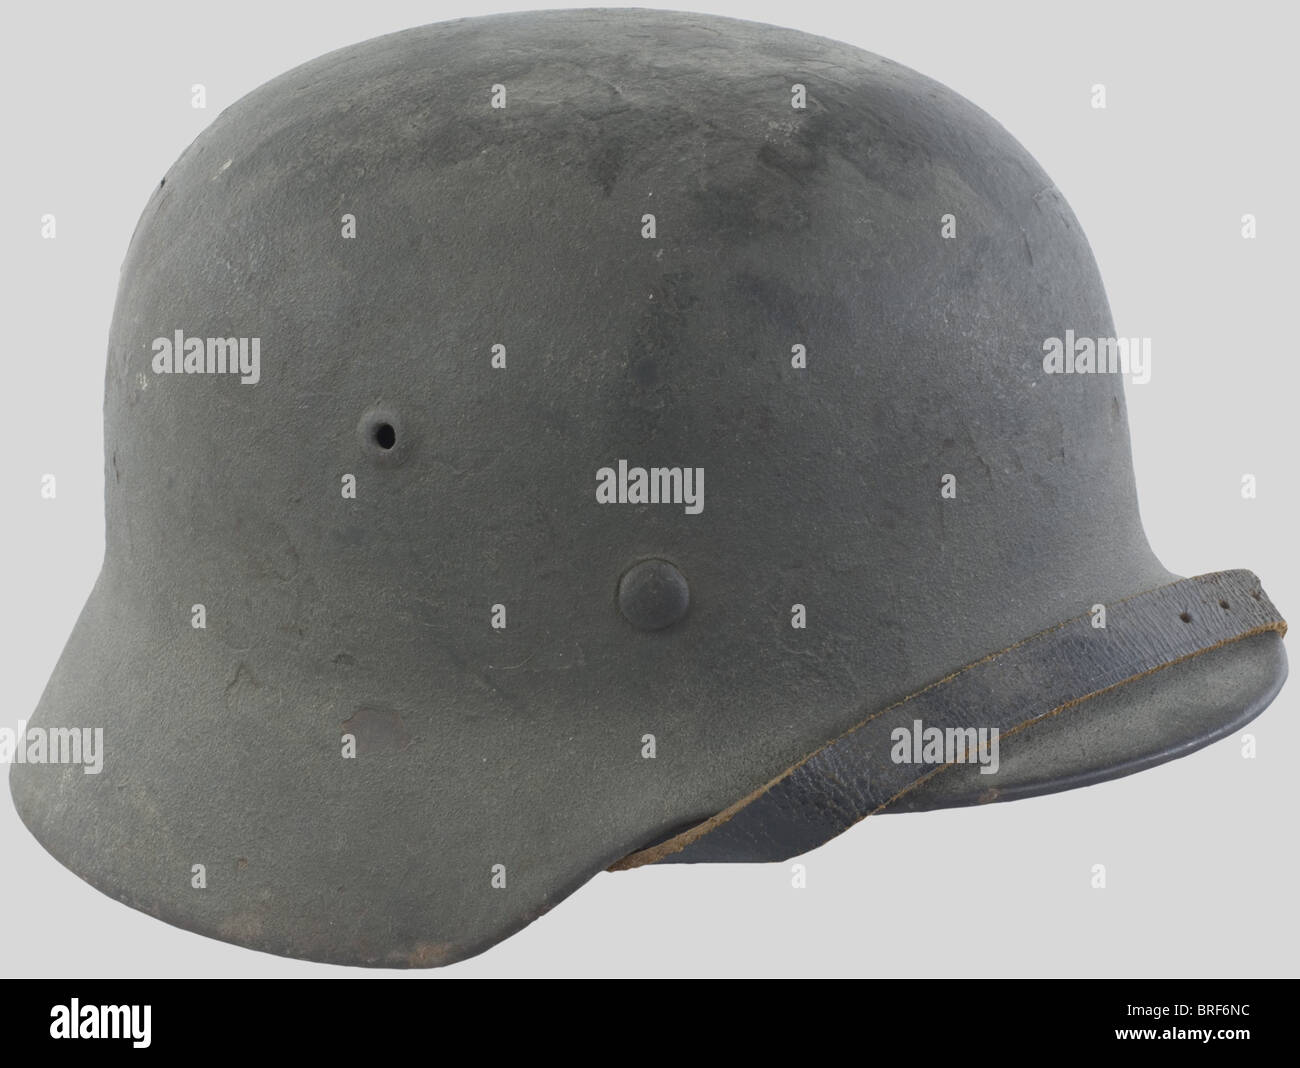 Wehrmacht, Casque modèle 35/40, comportant un insigne visible à 50%, belle peinture, complet avec son - Stock Image